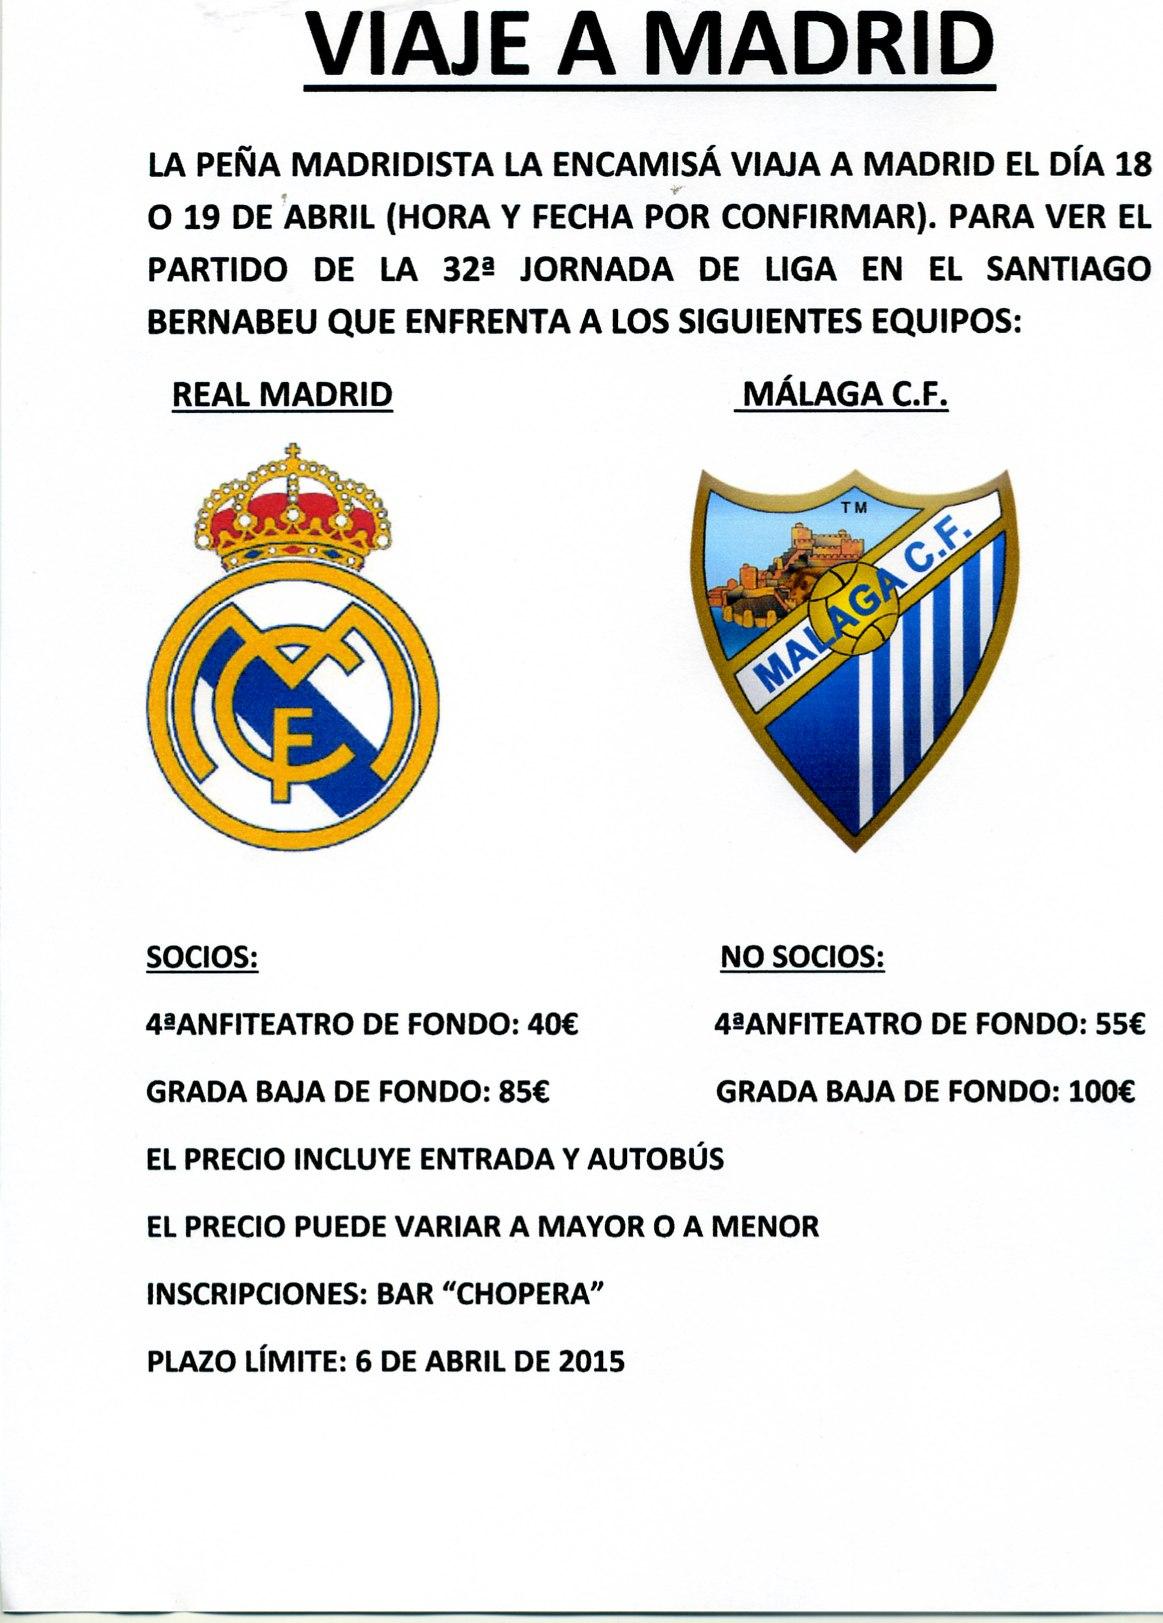 Peña Madridista La Encamisá